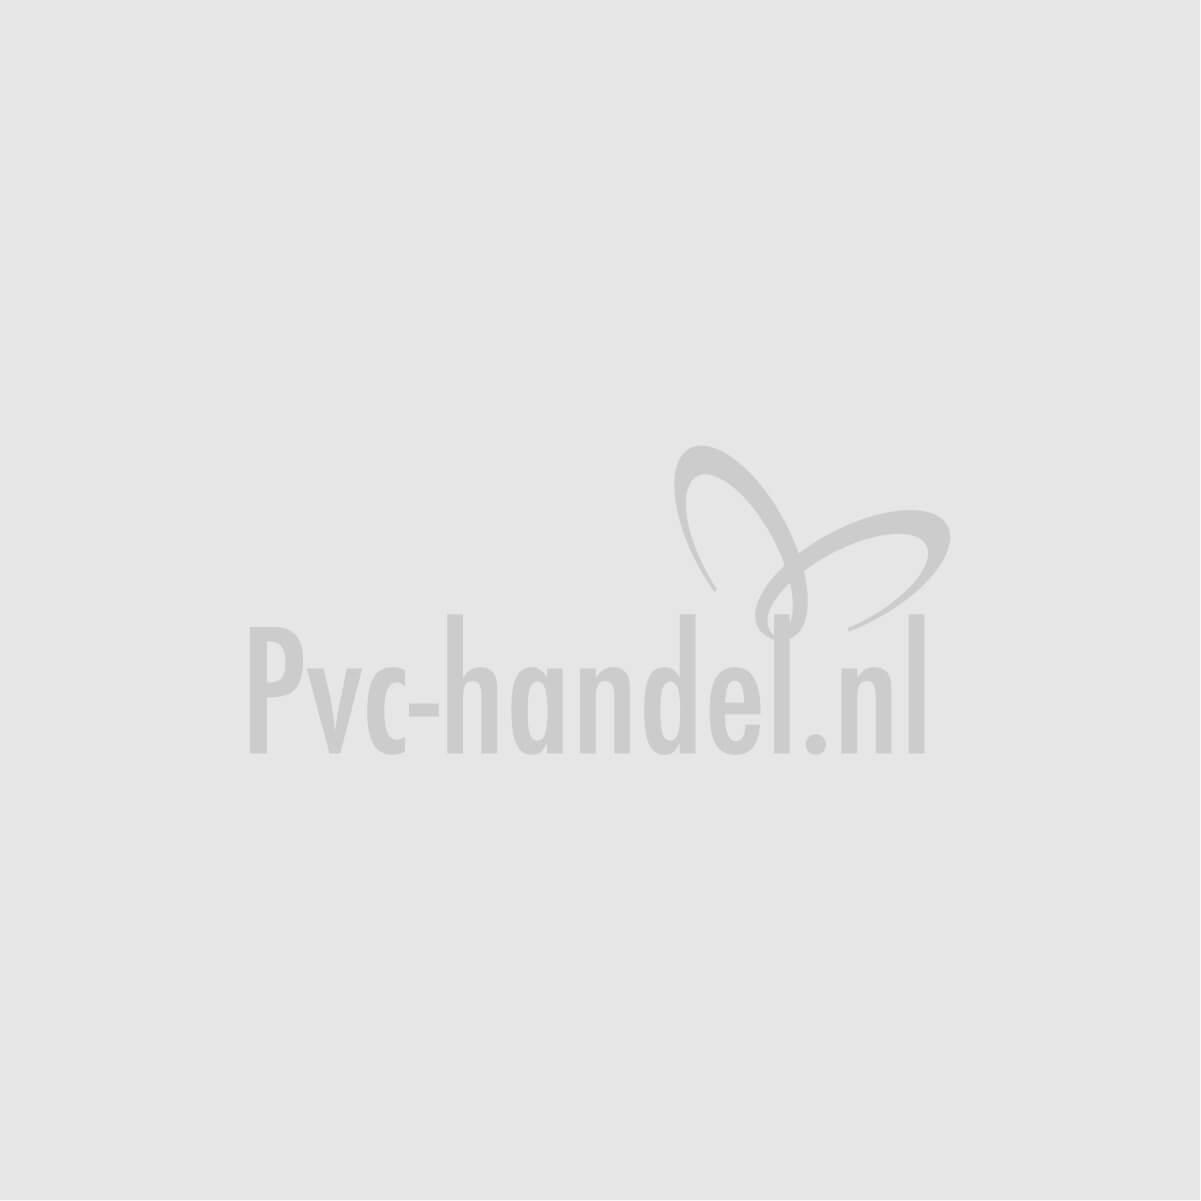 PVC puntstuk buitendraad met zes-achtkant